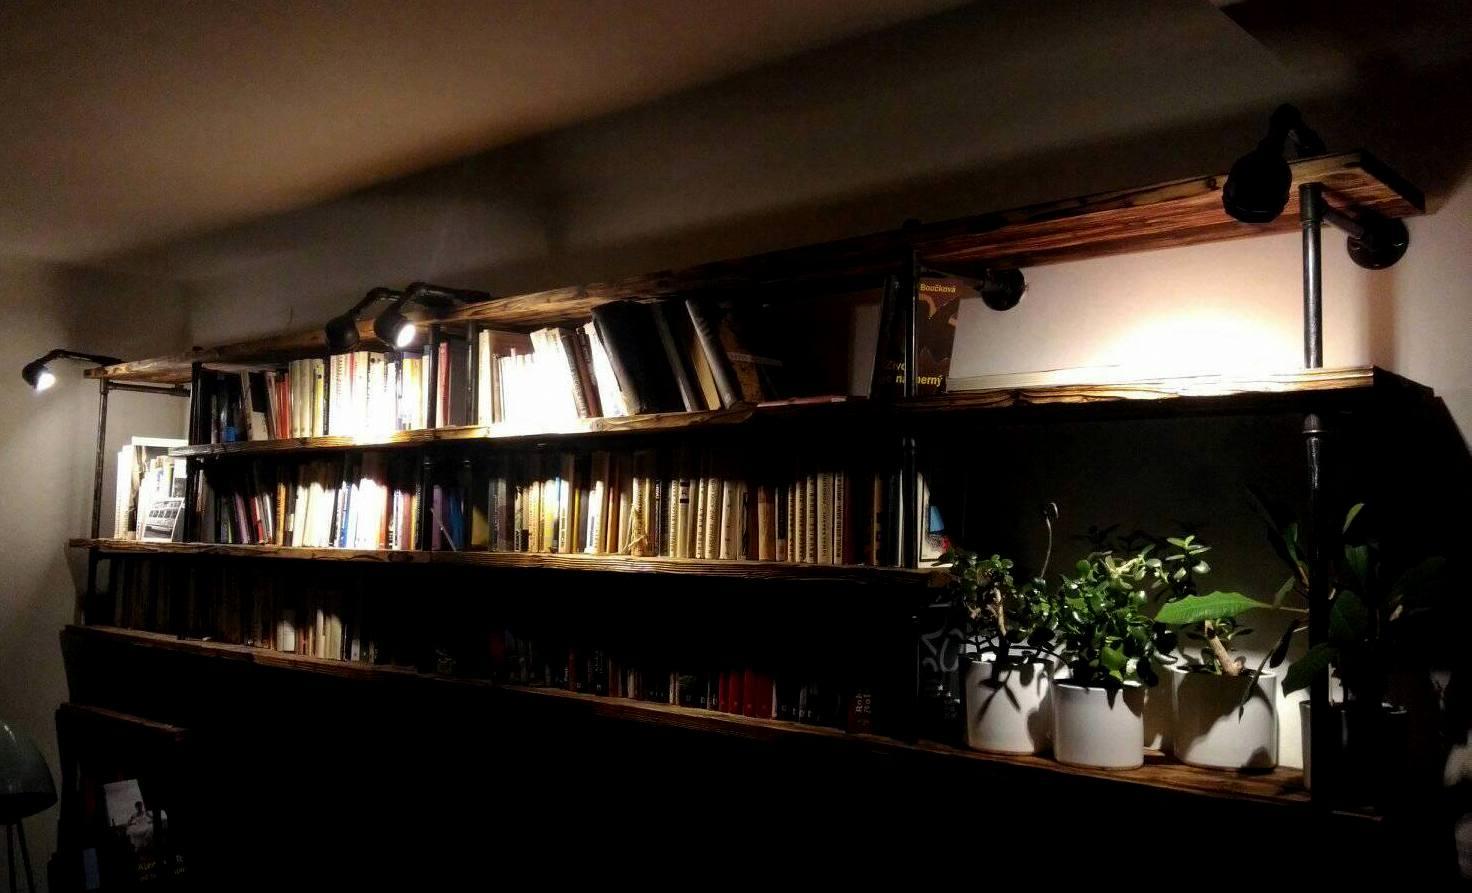 Obývák pro knihomoly - Obrázek č. 8